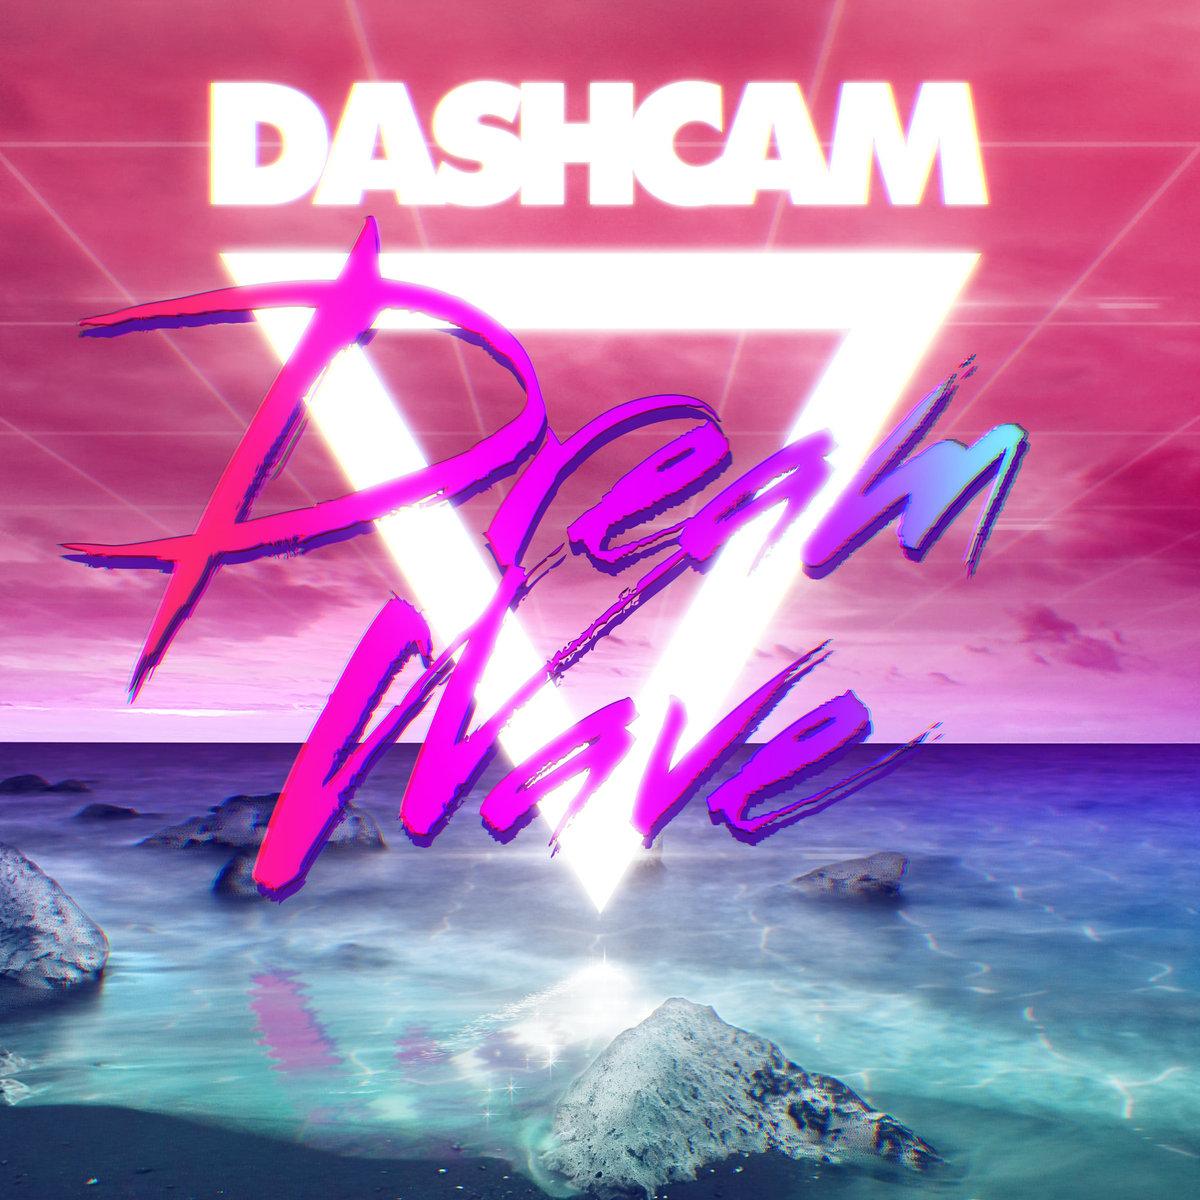 GLS030 - Dashcam -Dreamwave